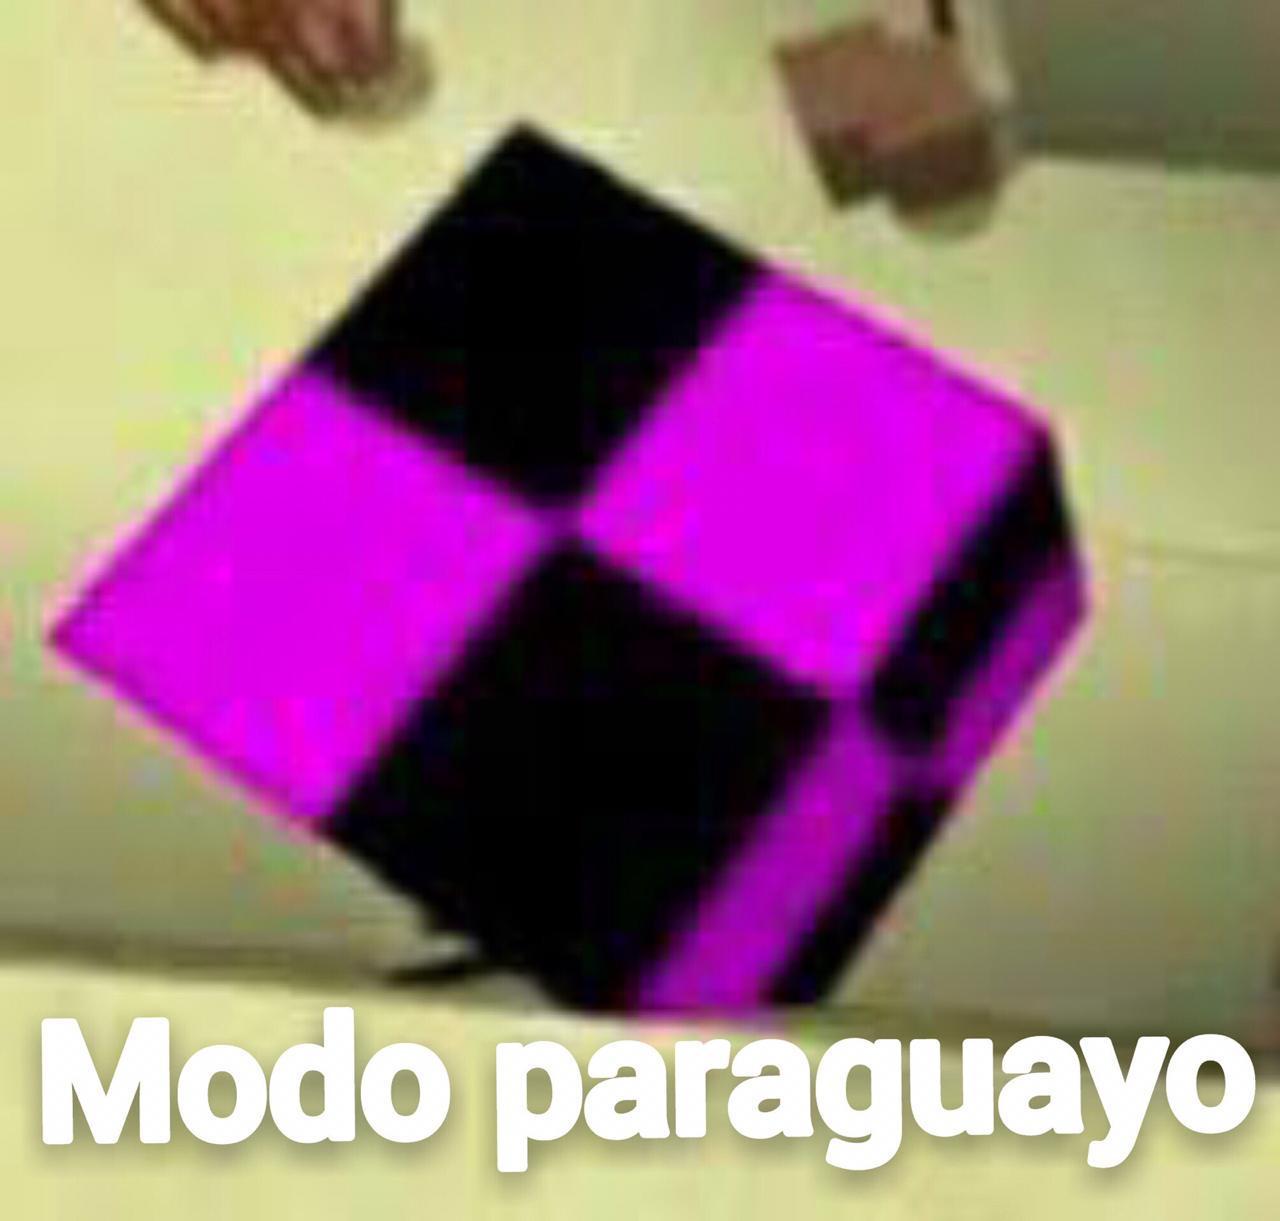 Modo paraguayo - meme